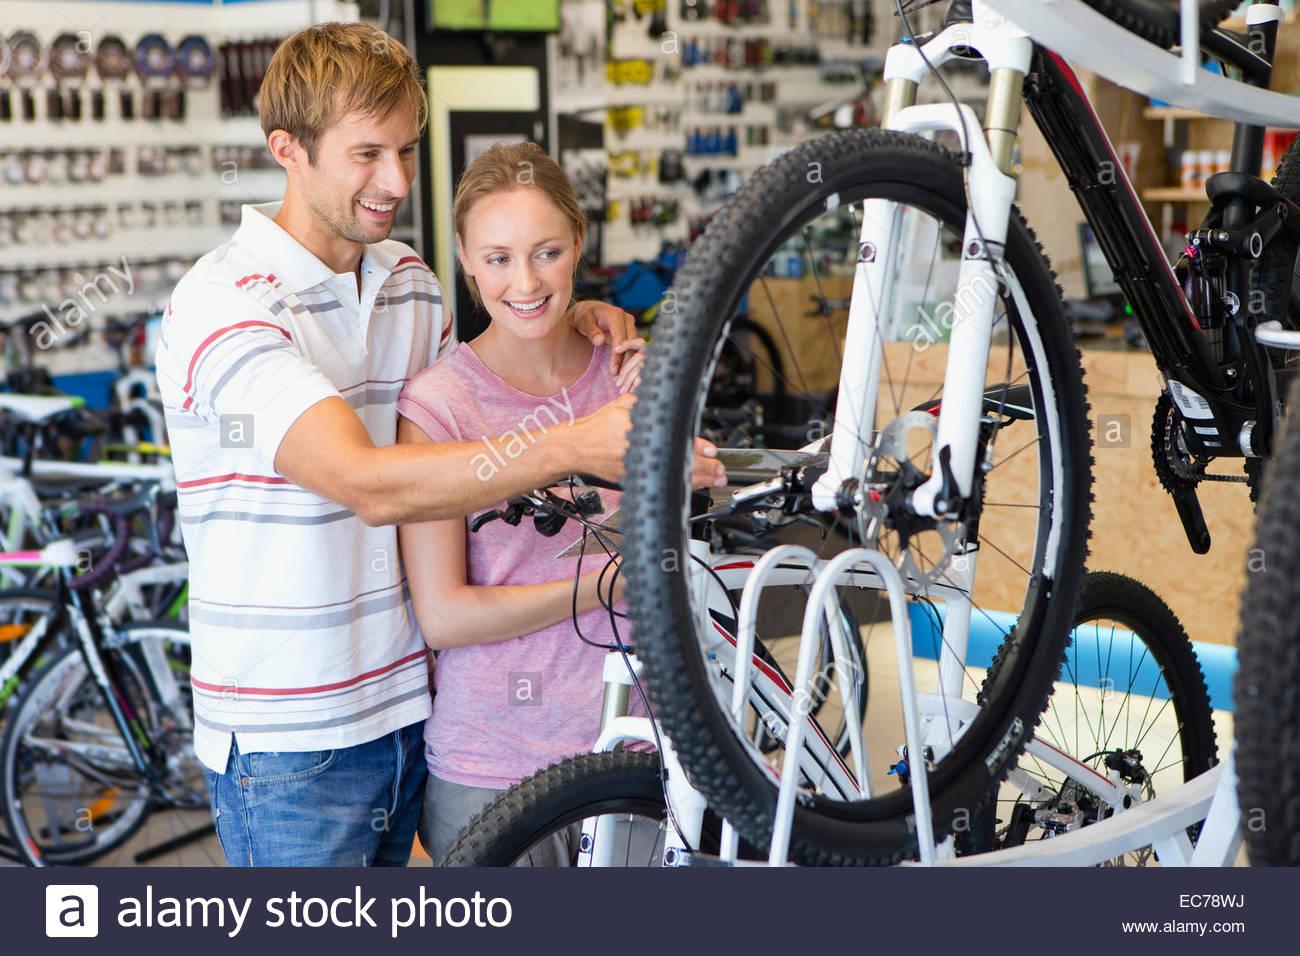 Par elegir una bicicleta en la tienda Imagen De Stock